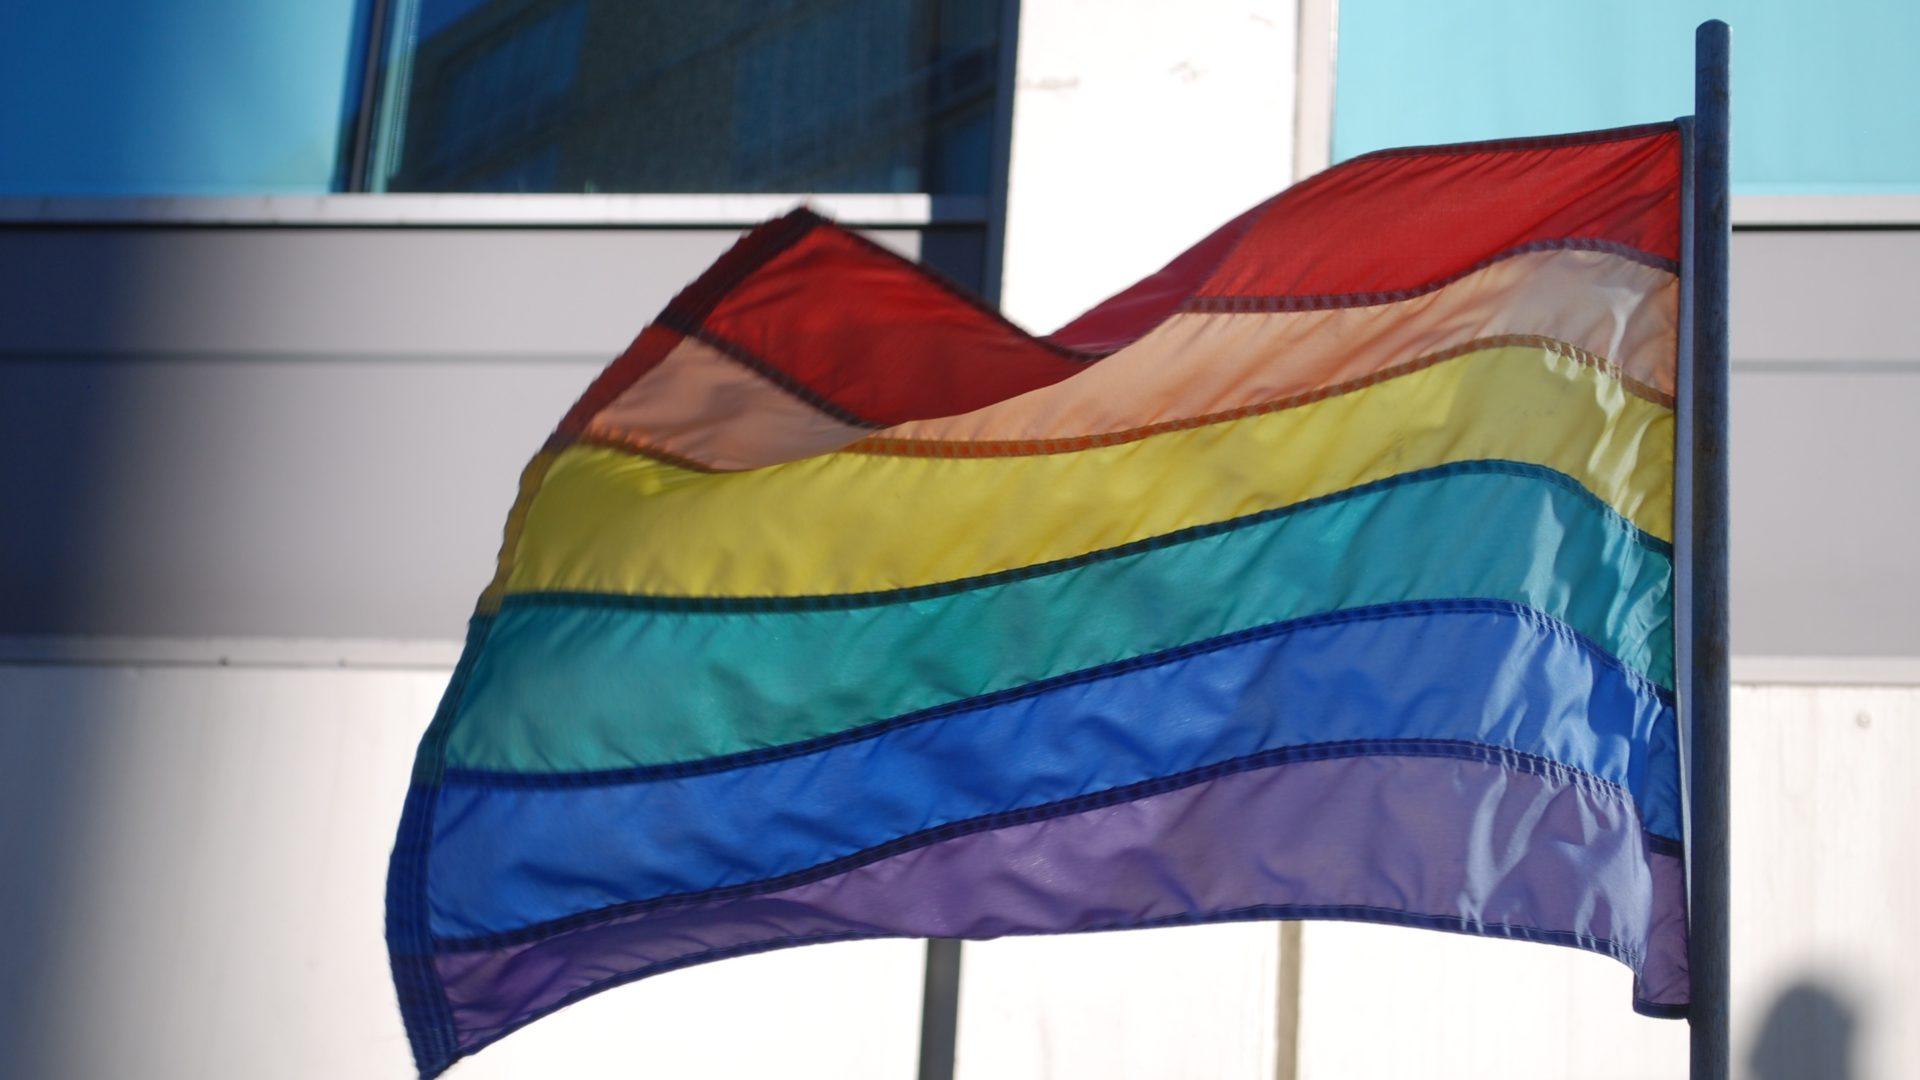 L'Human Rights Watch dénonce les arrestations et les tortures des LGBT en Egypte